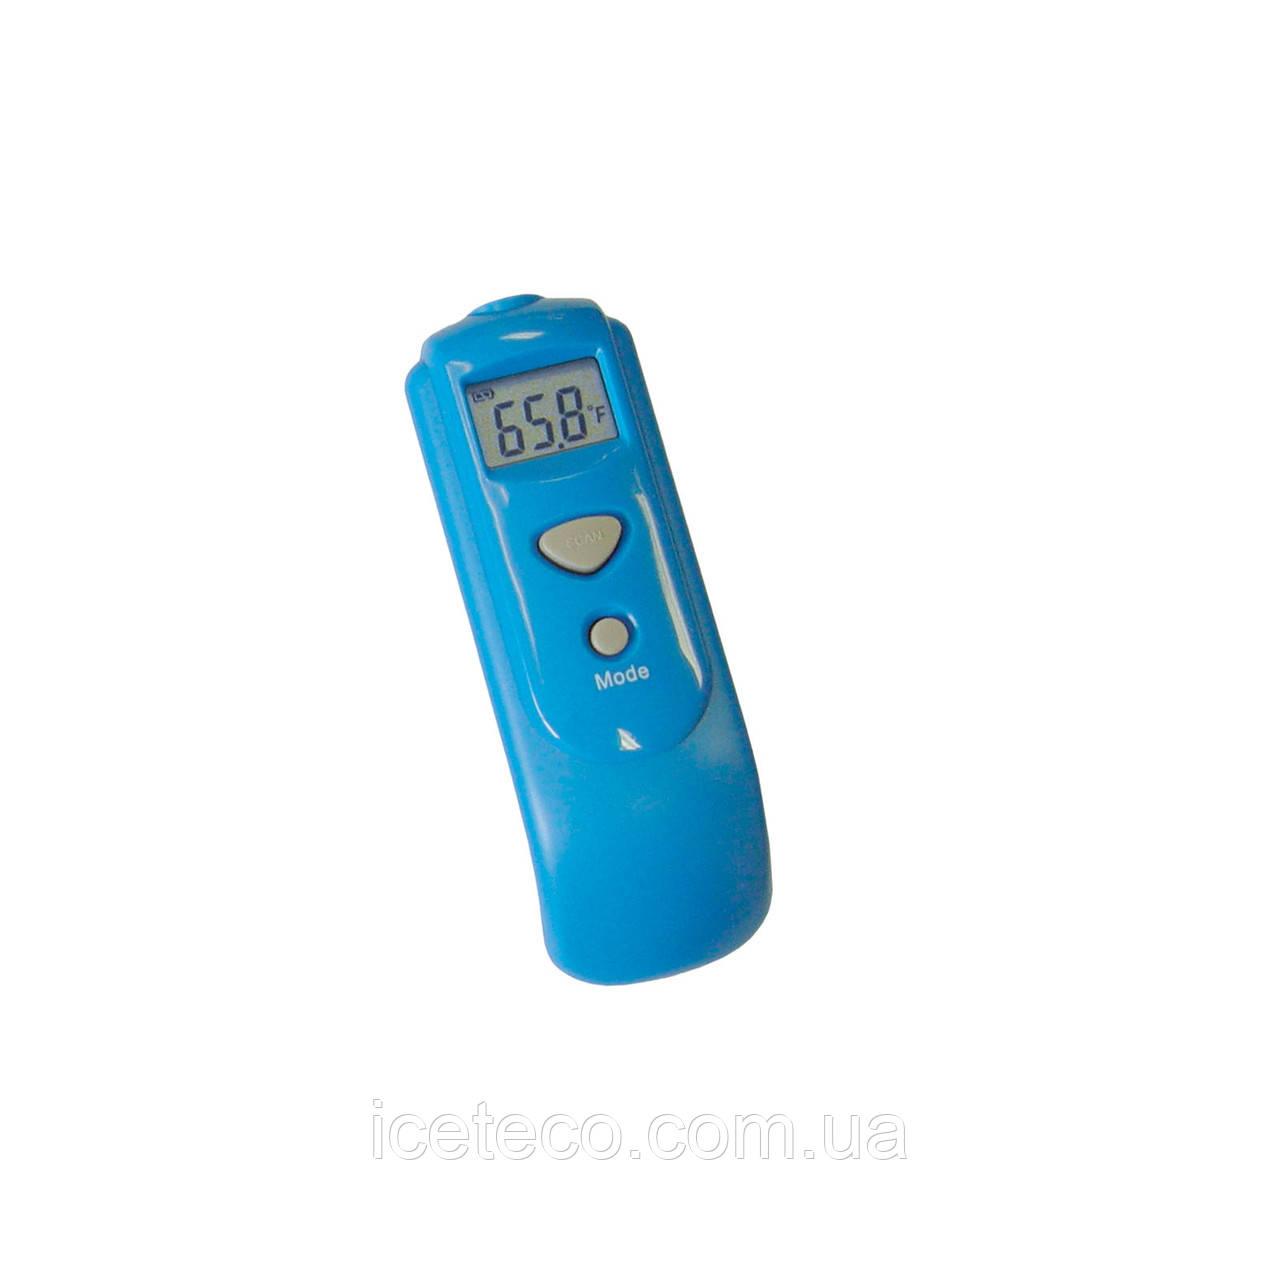 Термометр электронный инфракрасный дистанционный MC 52227  Mastercool